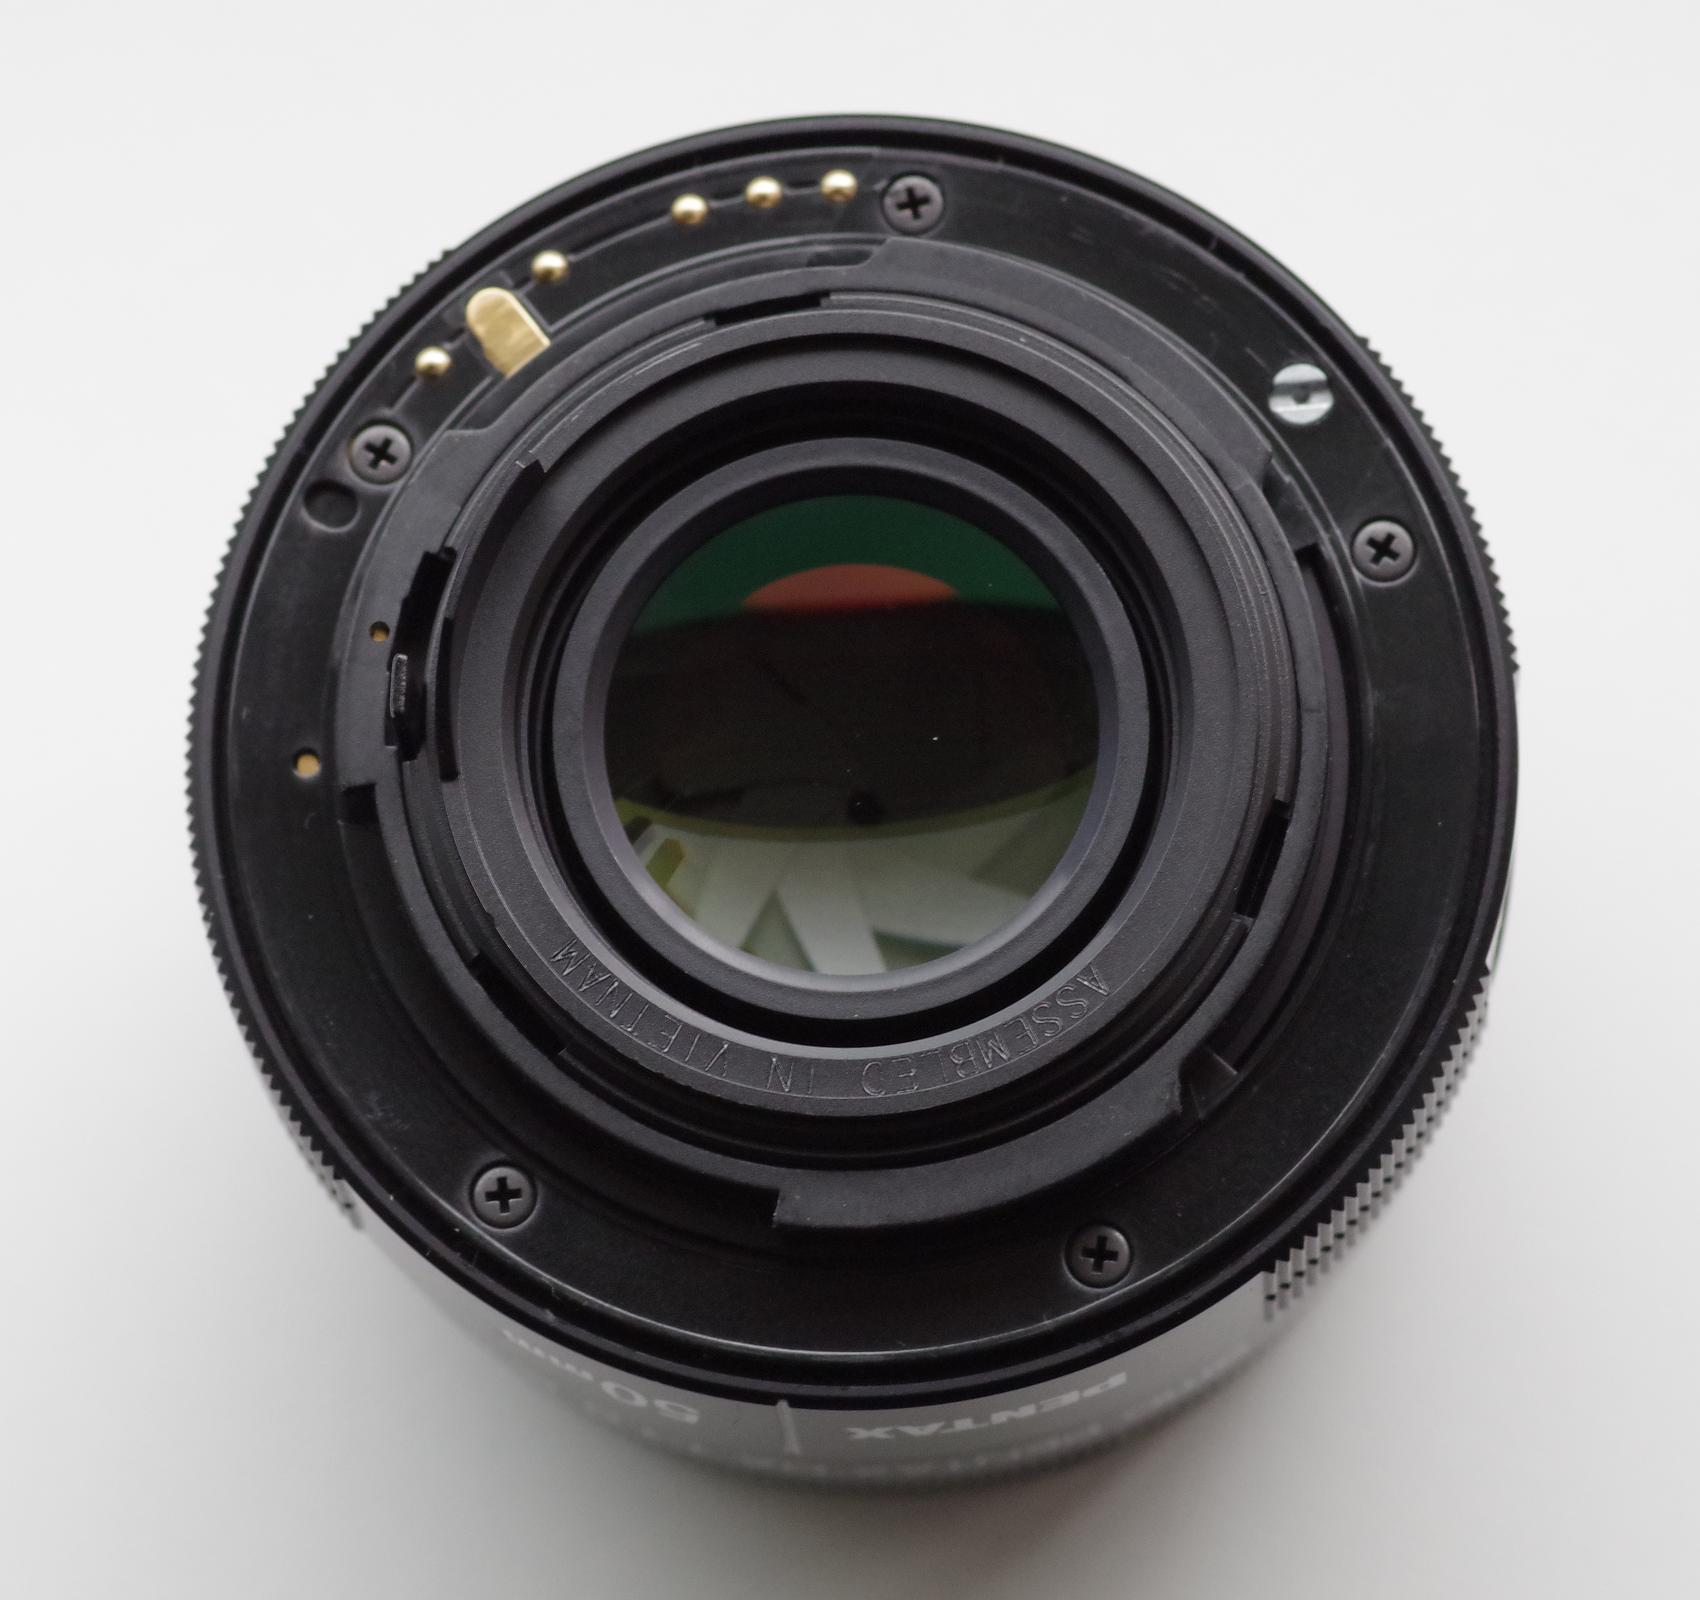 Back of Lens